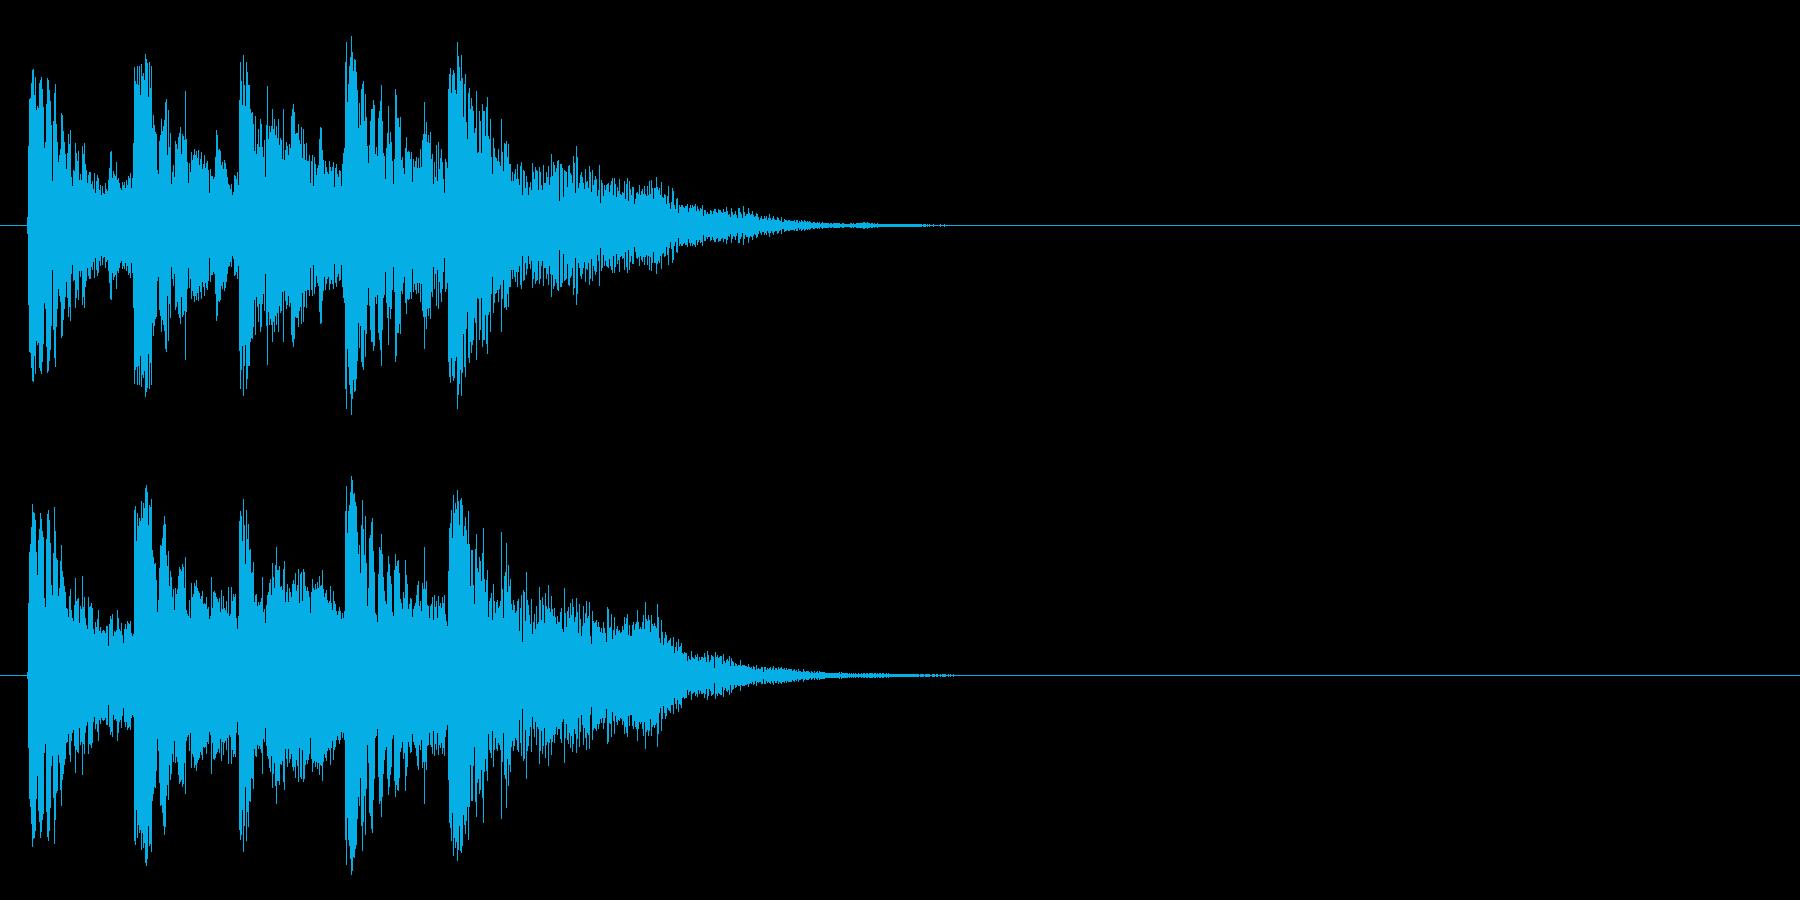 ジングル/アタック(ポップ/マイナー)の再生済みの波形